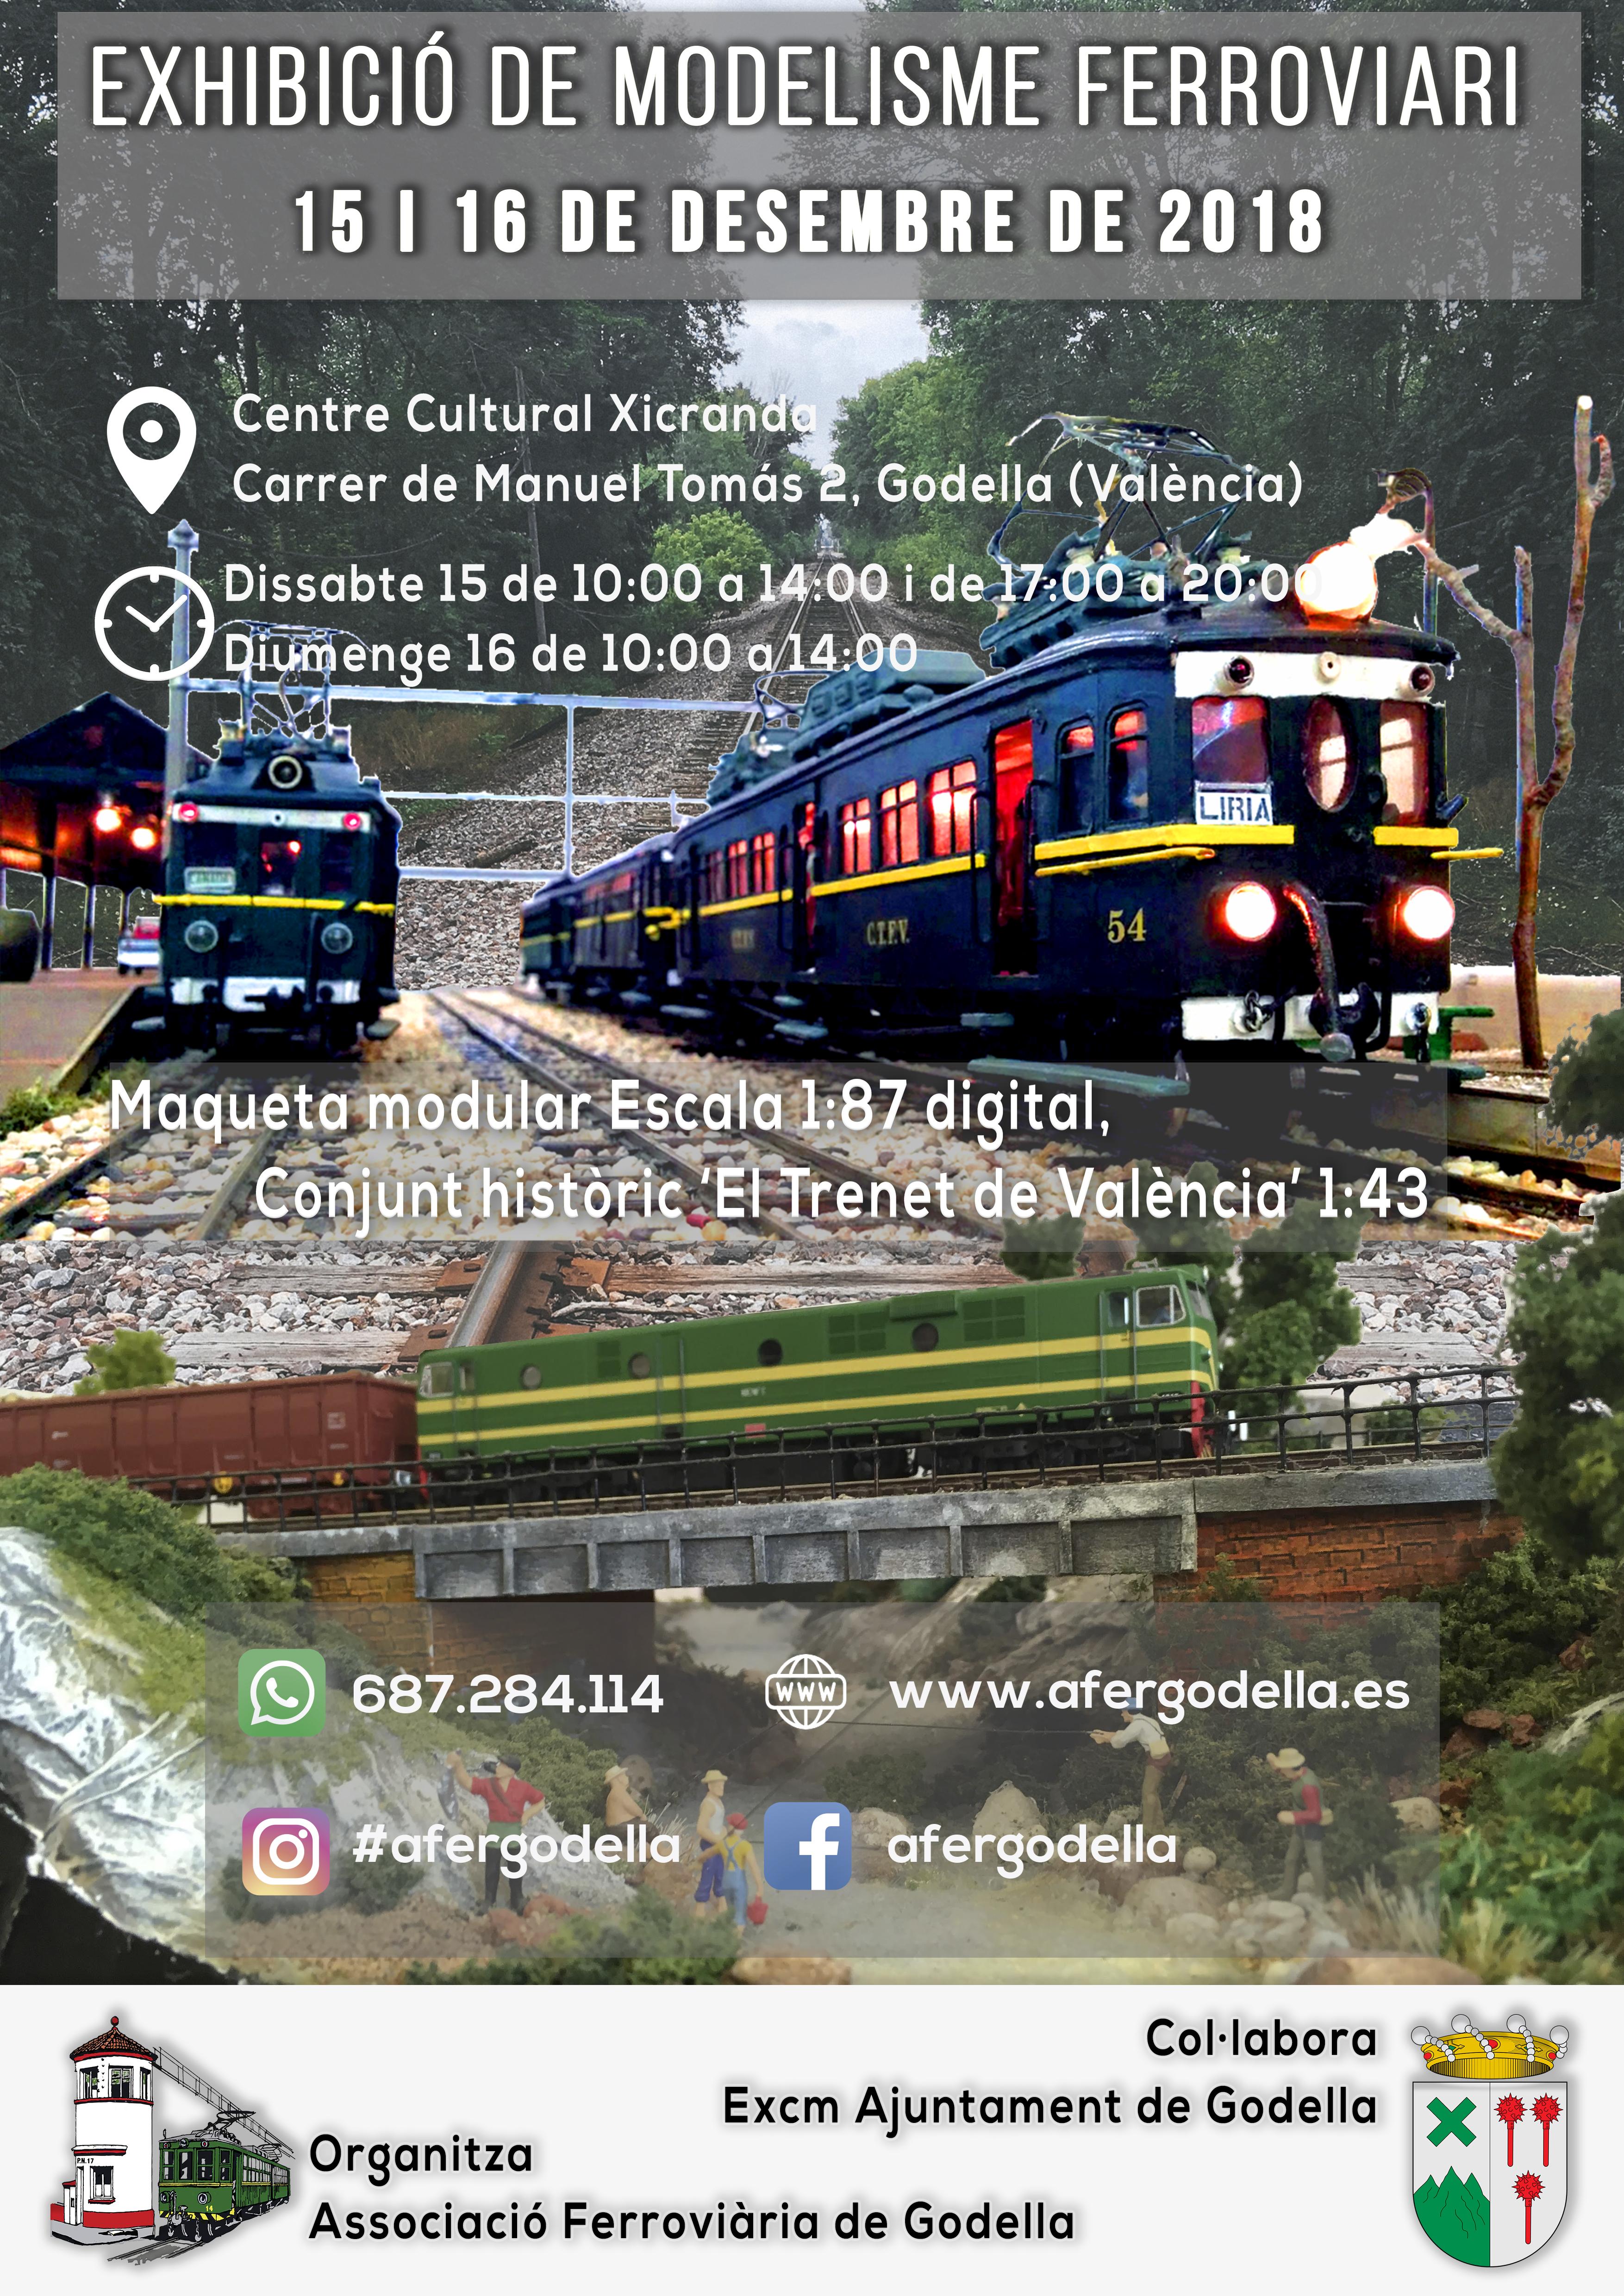 Exhibición de Modelismo Ferroviario 15 y 16 de Diciembre de 2018